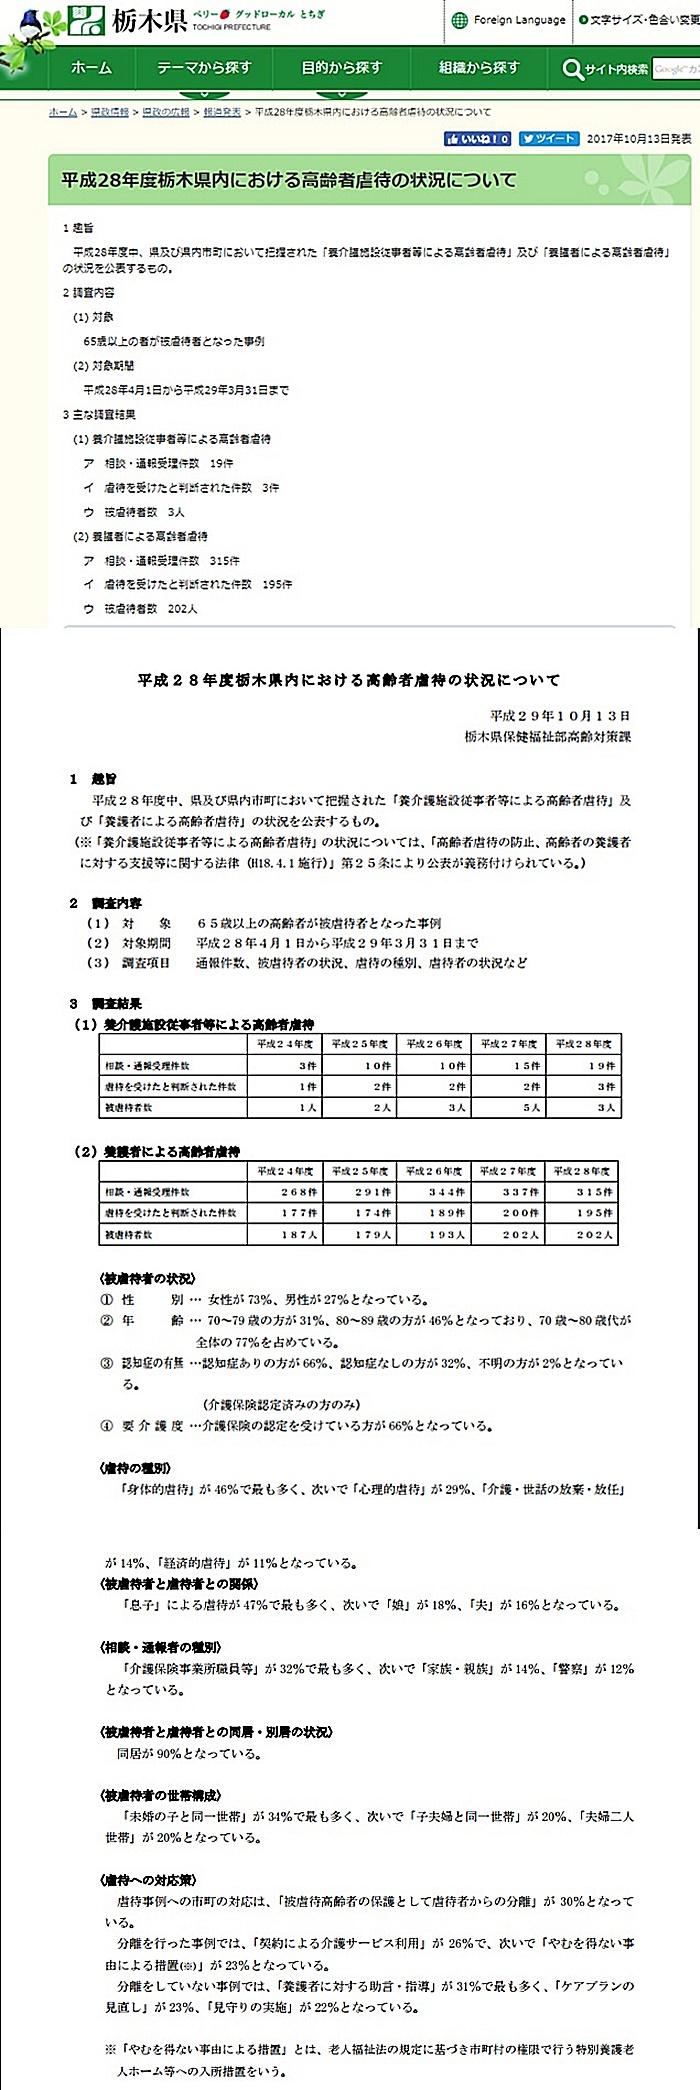 平成28年度栃木県内における高齢者虐待の状況について